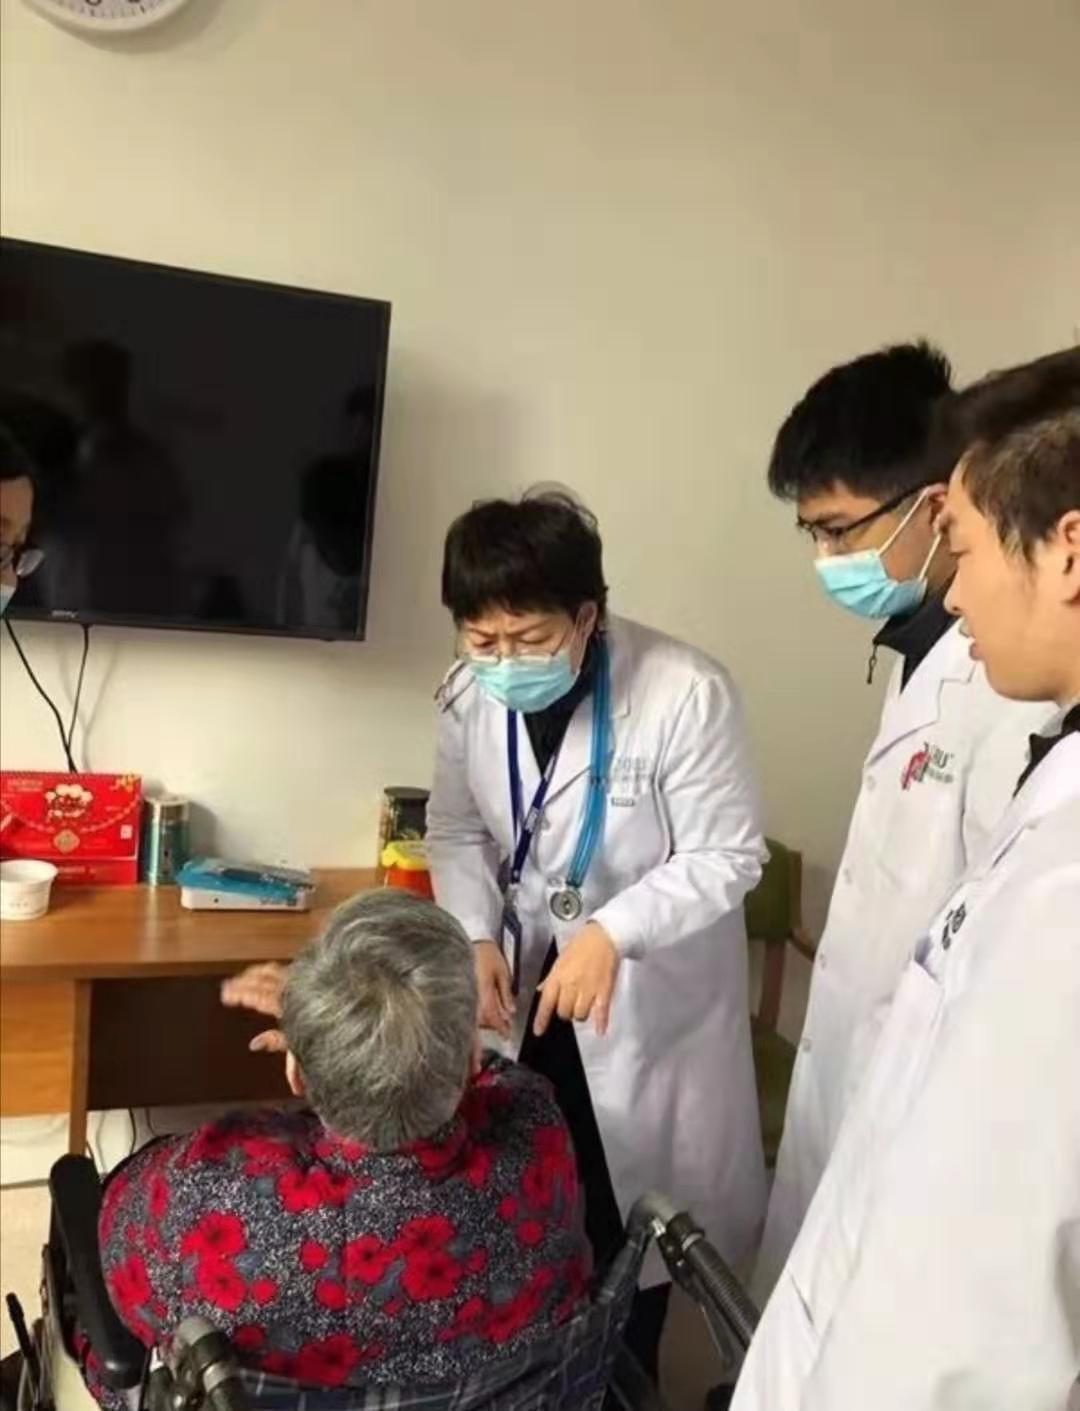 社区居家养老服务临时关闭!江苏省民政厅制定35条措施落实疫情防控